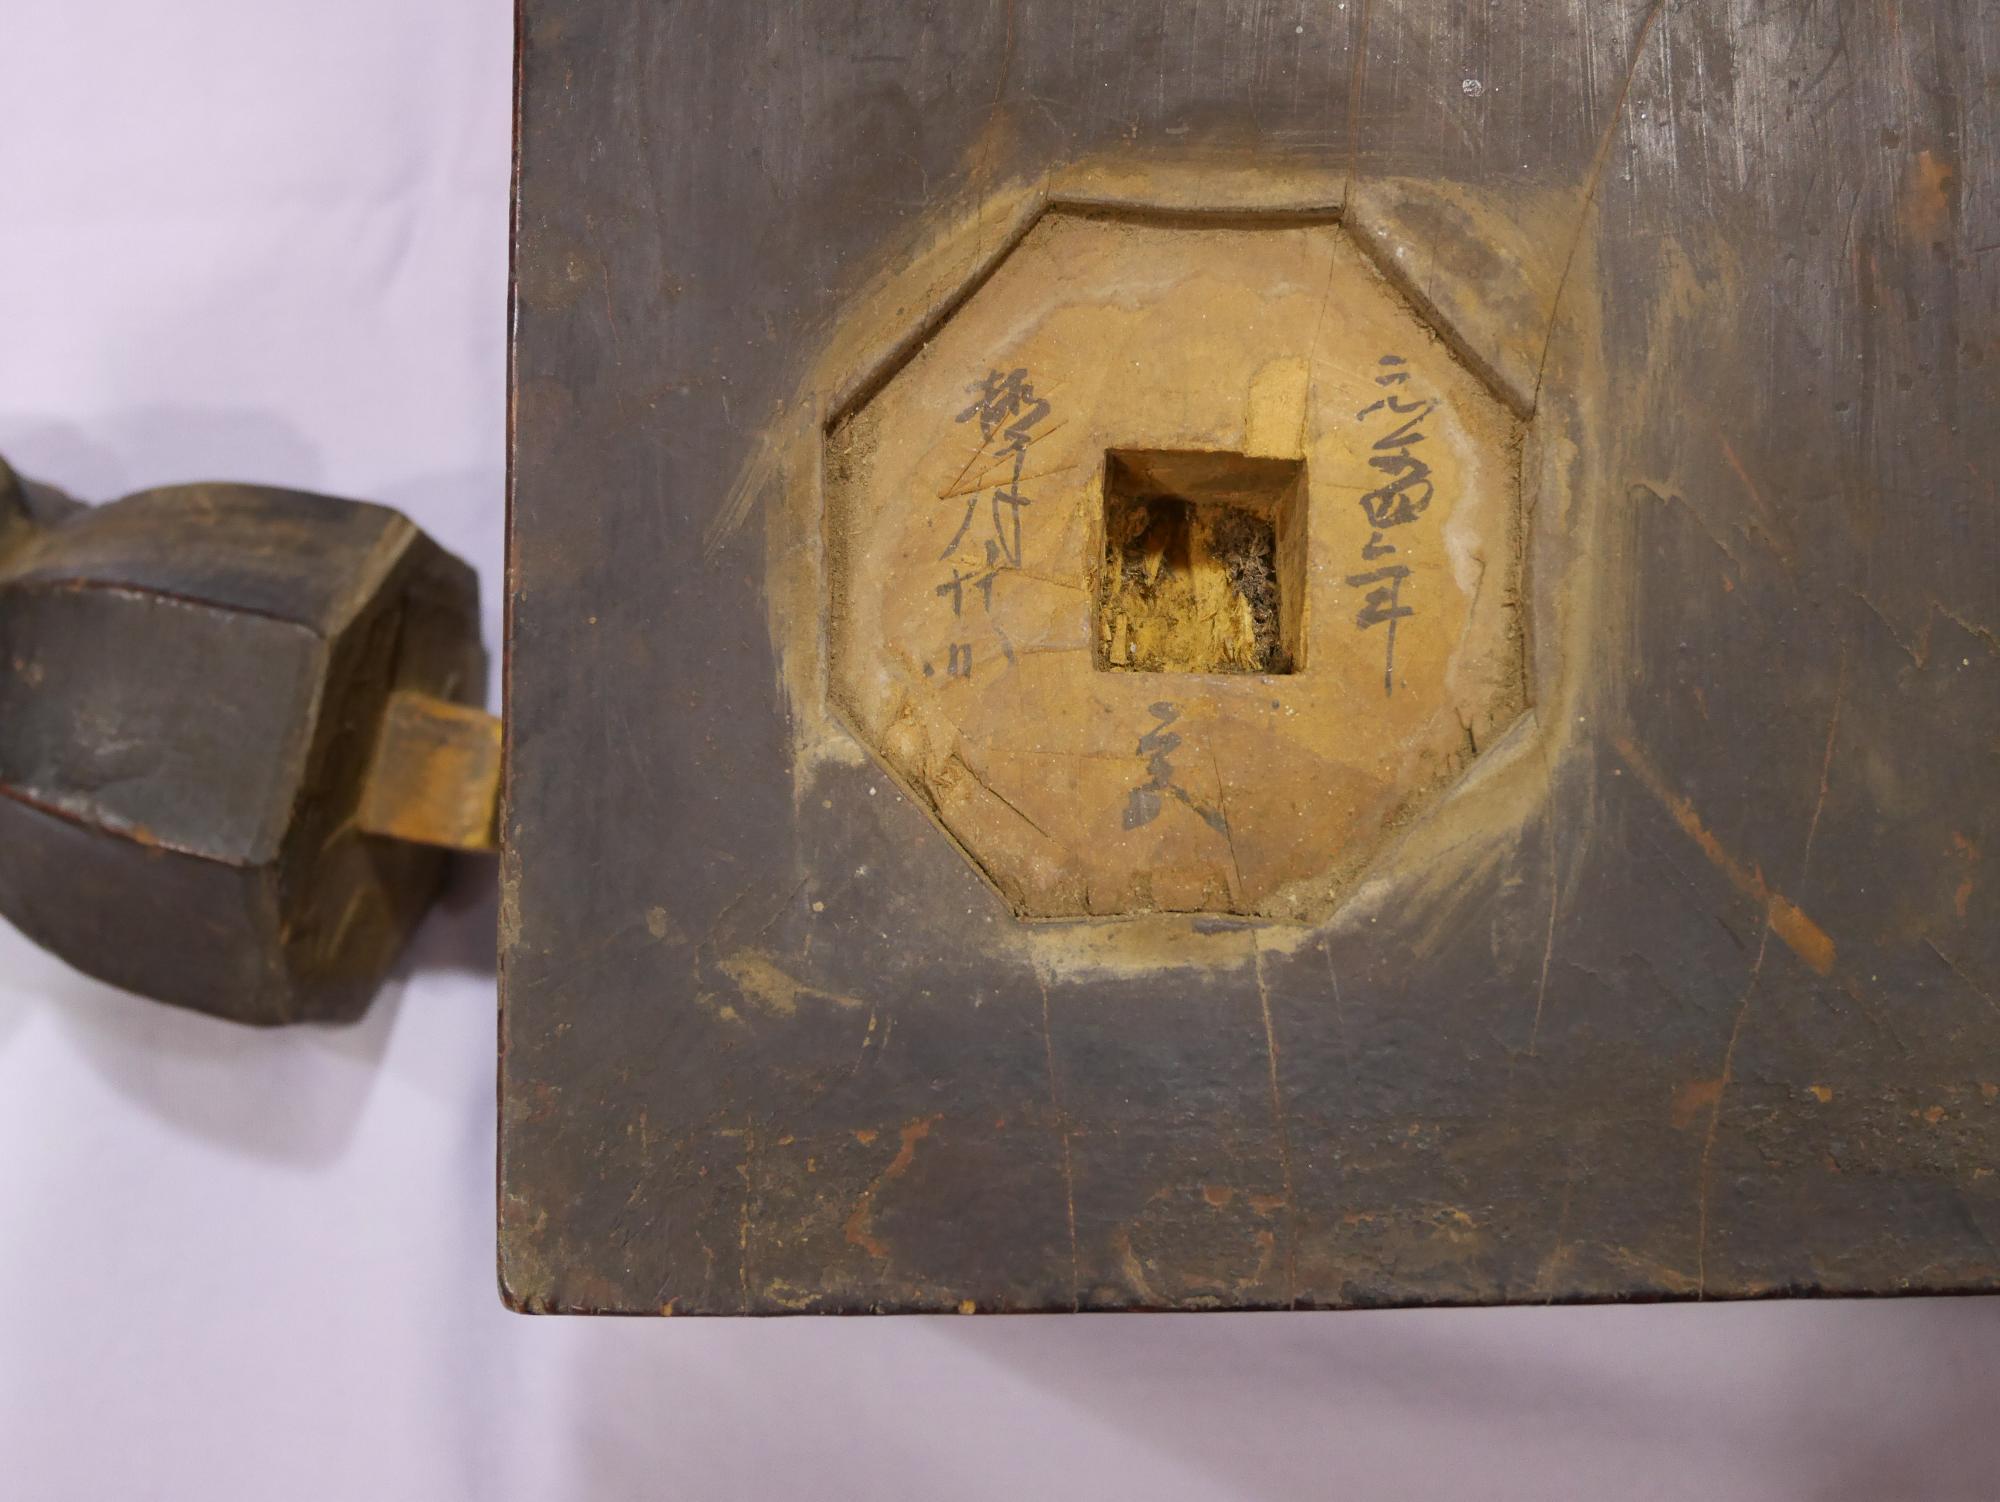 本因坊第10世烈元ゆかりの澤村家に伝えられた江戸時代の碁盤/幸手市